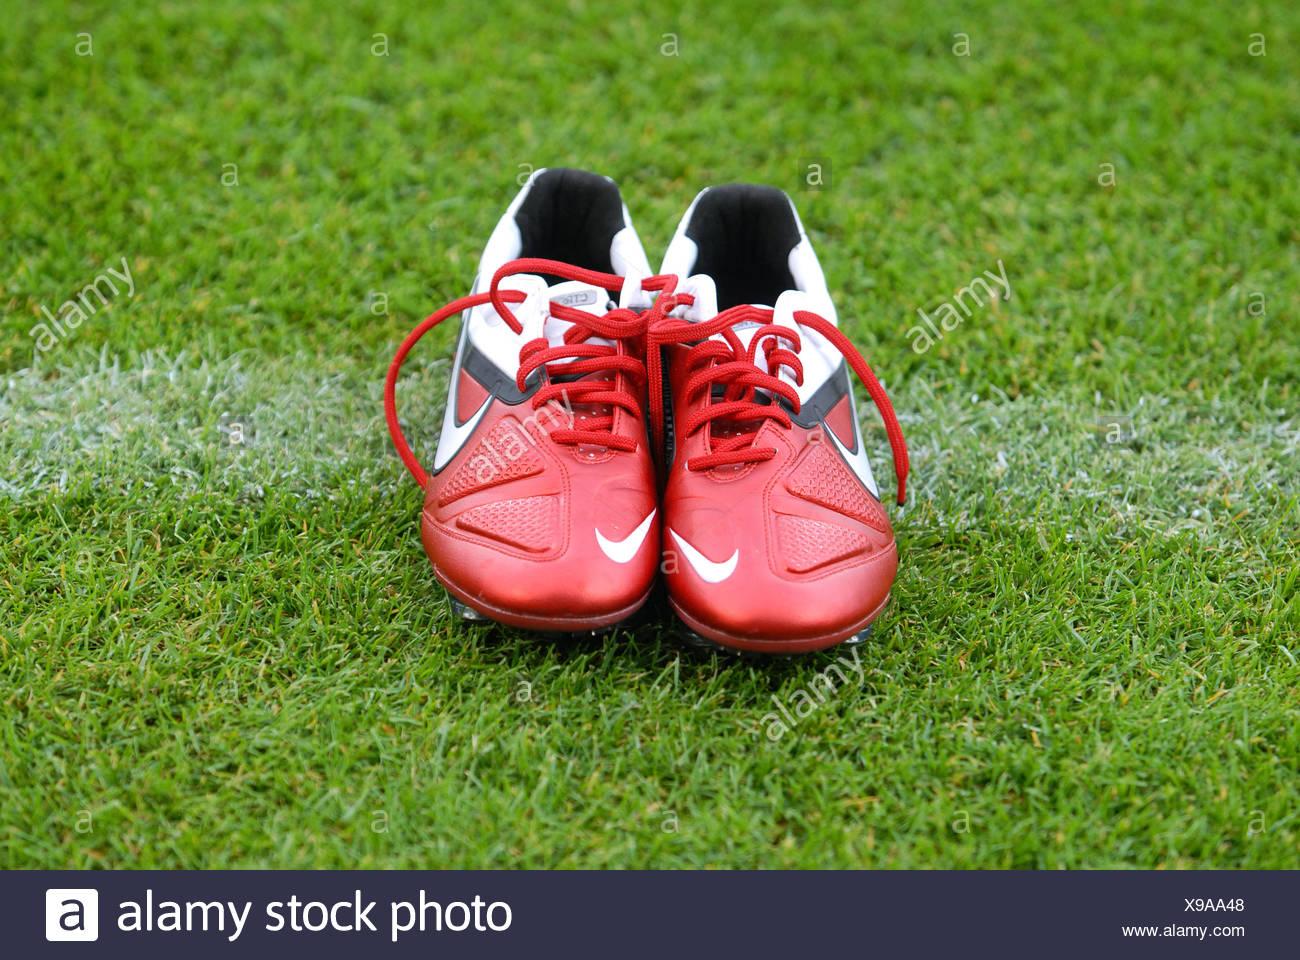 Rote Nike Fußballschuhe platziert an der Seitenlinie, LIGA